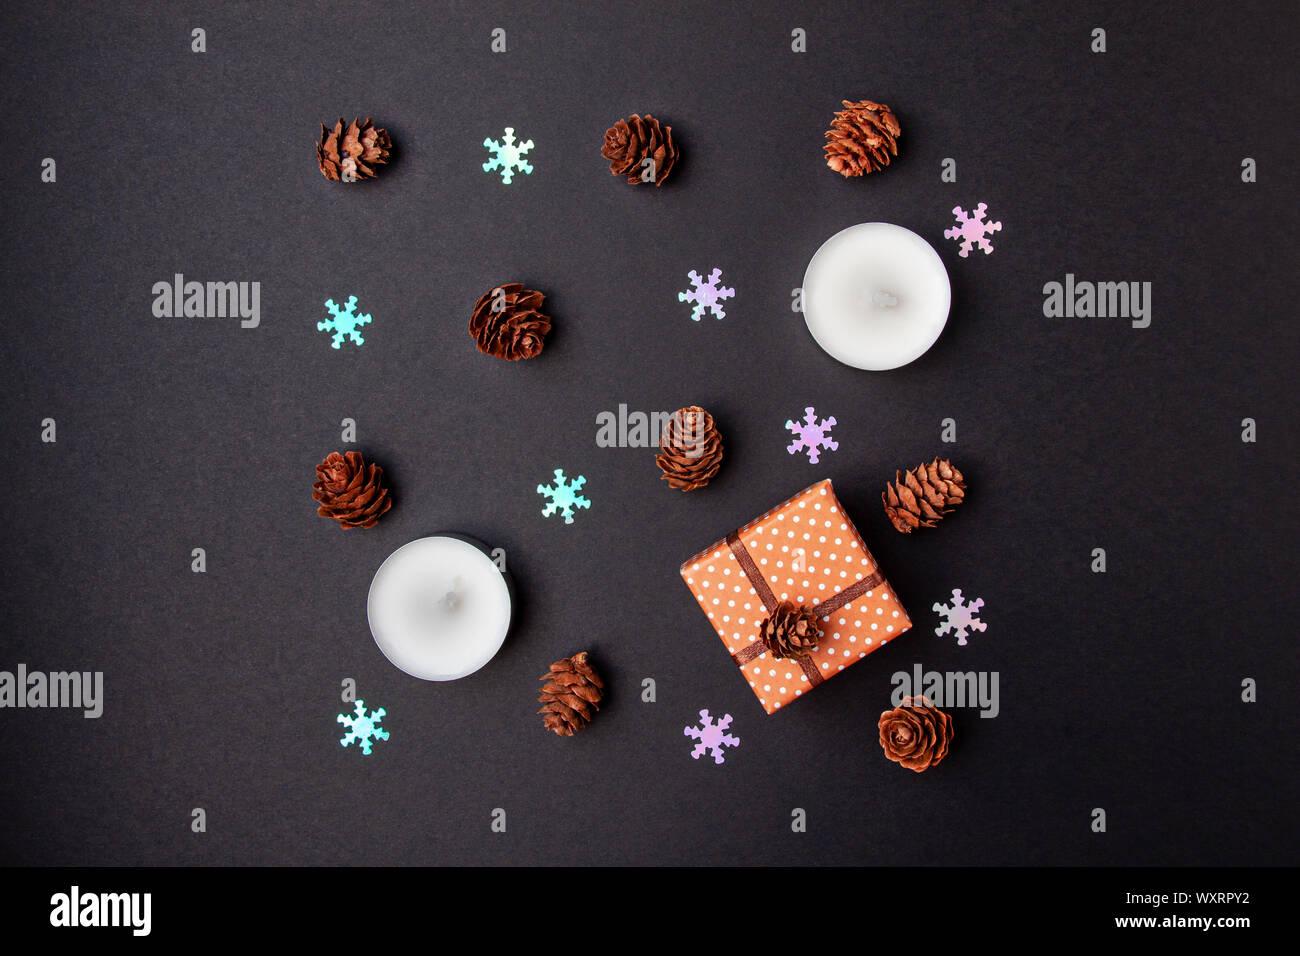 Vista superior de la geometría plana navidad laicos composición de los conos de pino, velas, falsos los copos de nieve y una pequeña caja de regalo sobre fondo negro Foto de stock